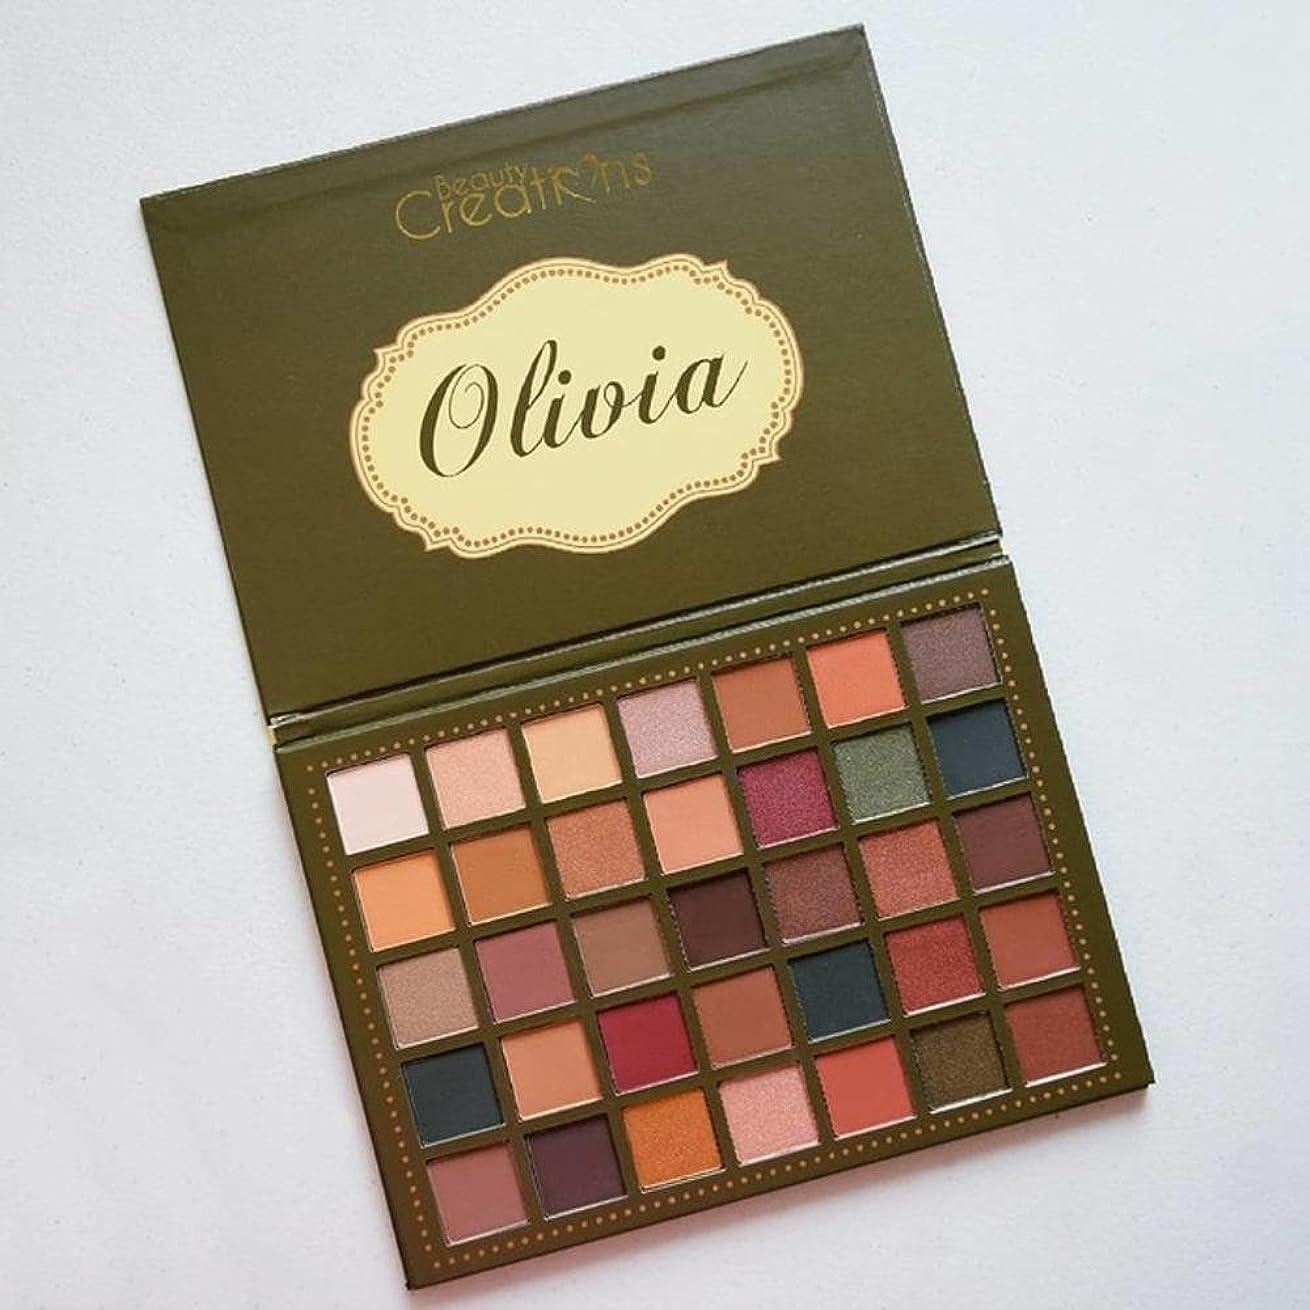 赤最愛のエントリBEAUTY CREATIONS 35 Color Palette - Olivia (並行輸入品)